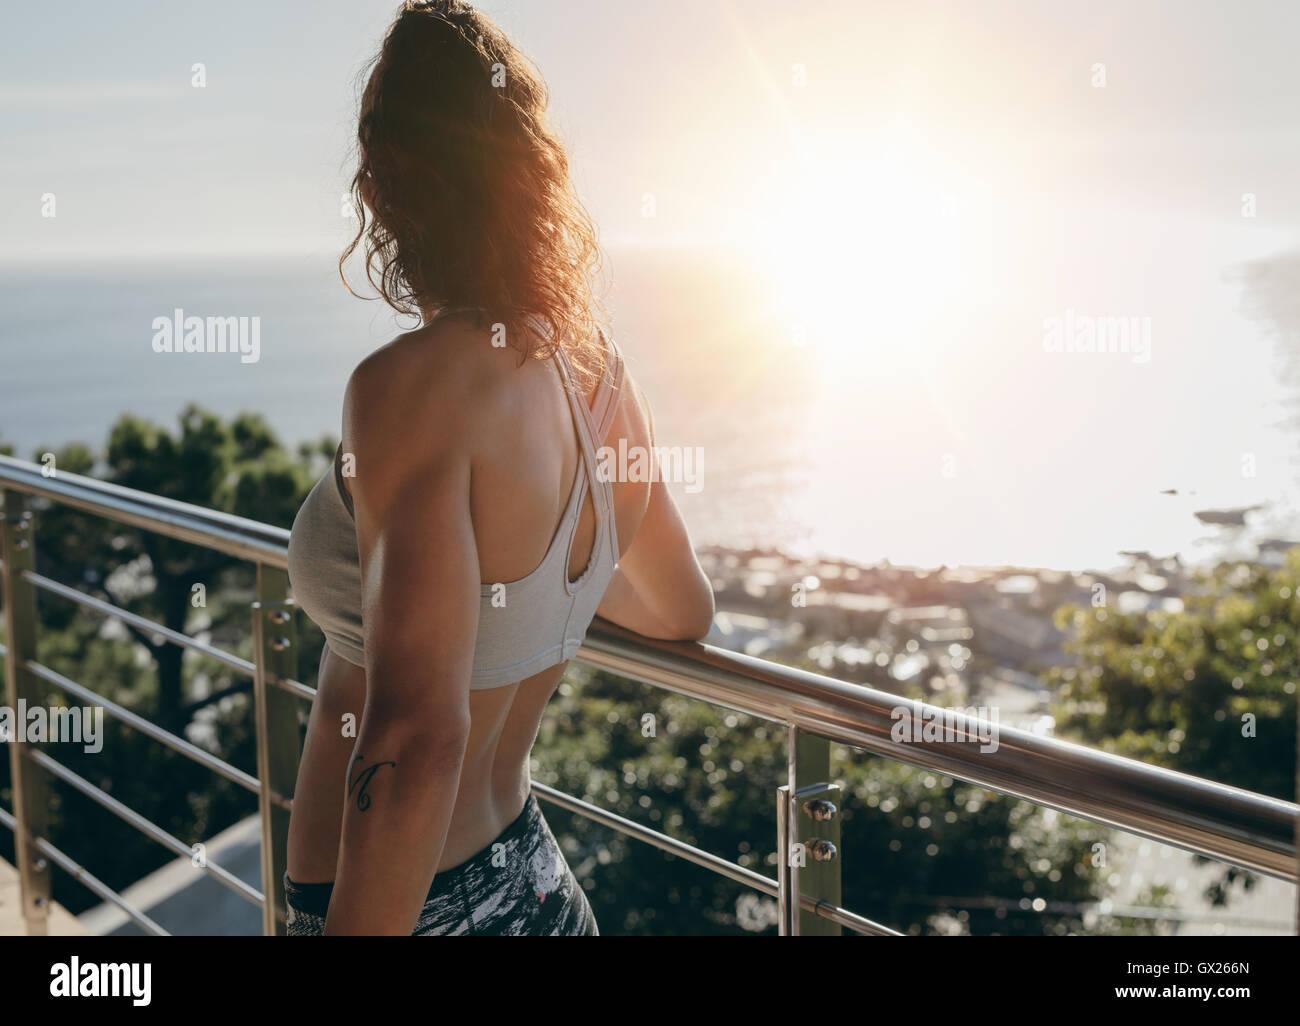 Vista posteriore del colpo di donna in piedi da una ringhiera di balcone e guardando lontano su una luminosa giornata Immagini Stock